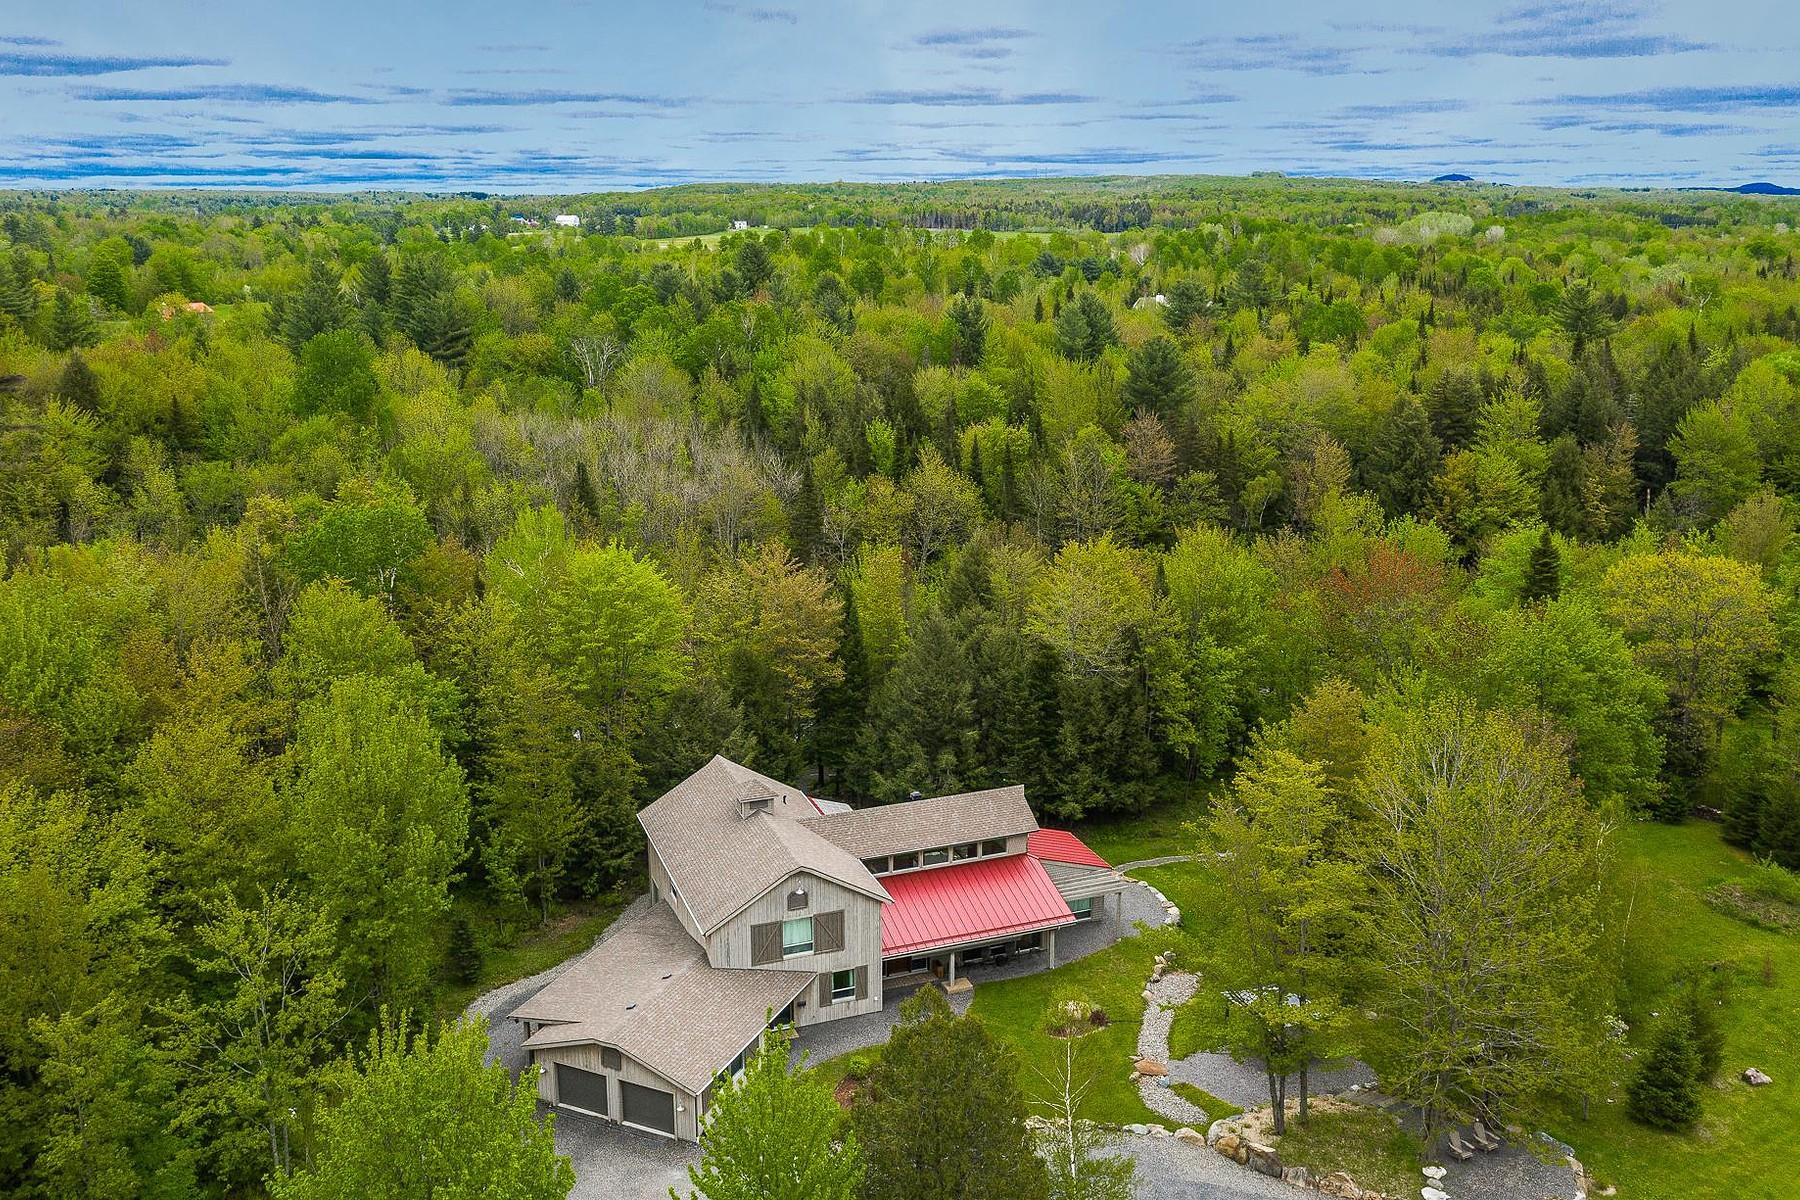 Single Family Homes for Sale at Bromont, Montérégie 150 Rue de la Colline Bromont, Quebec J2L3N5 Canada